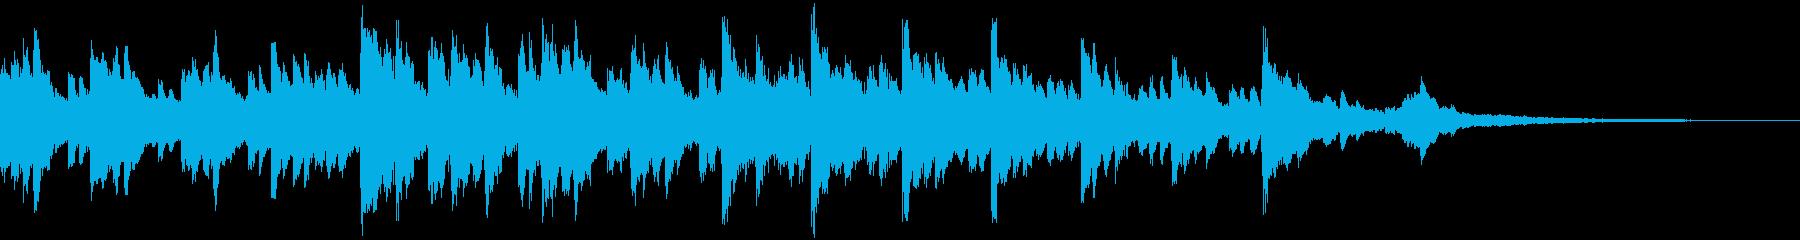 爽やかで前向きなイメージの企業CM30秒の再生済みの波形